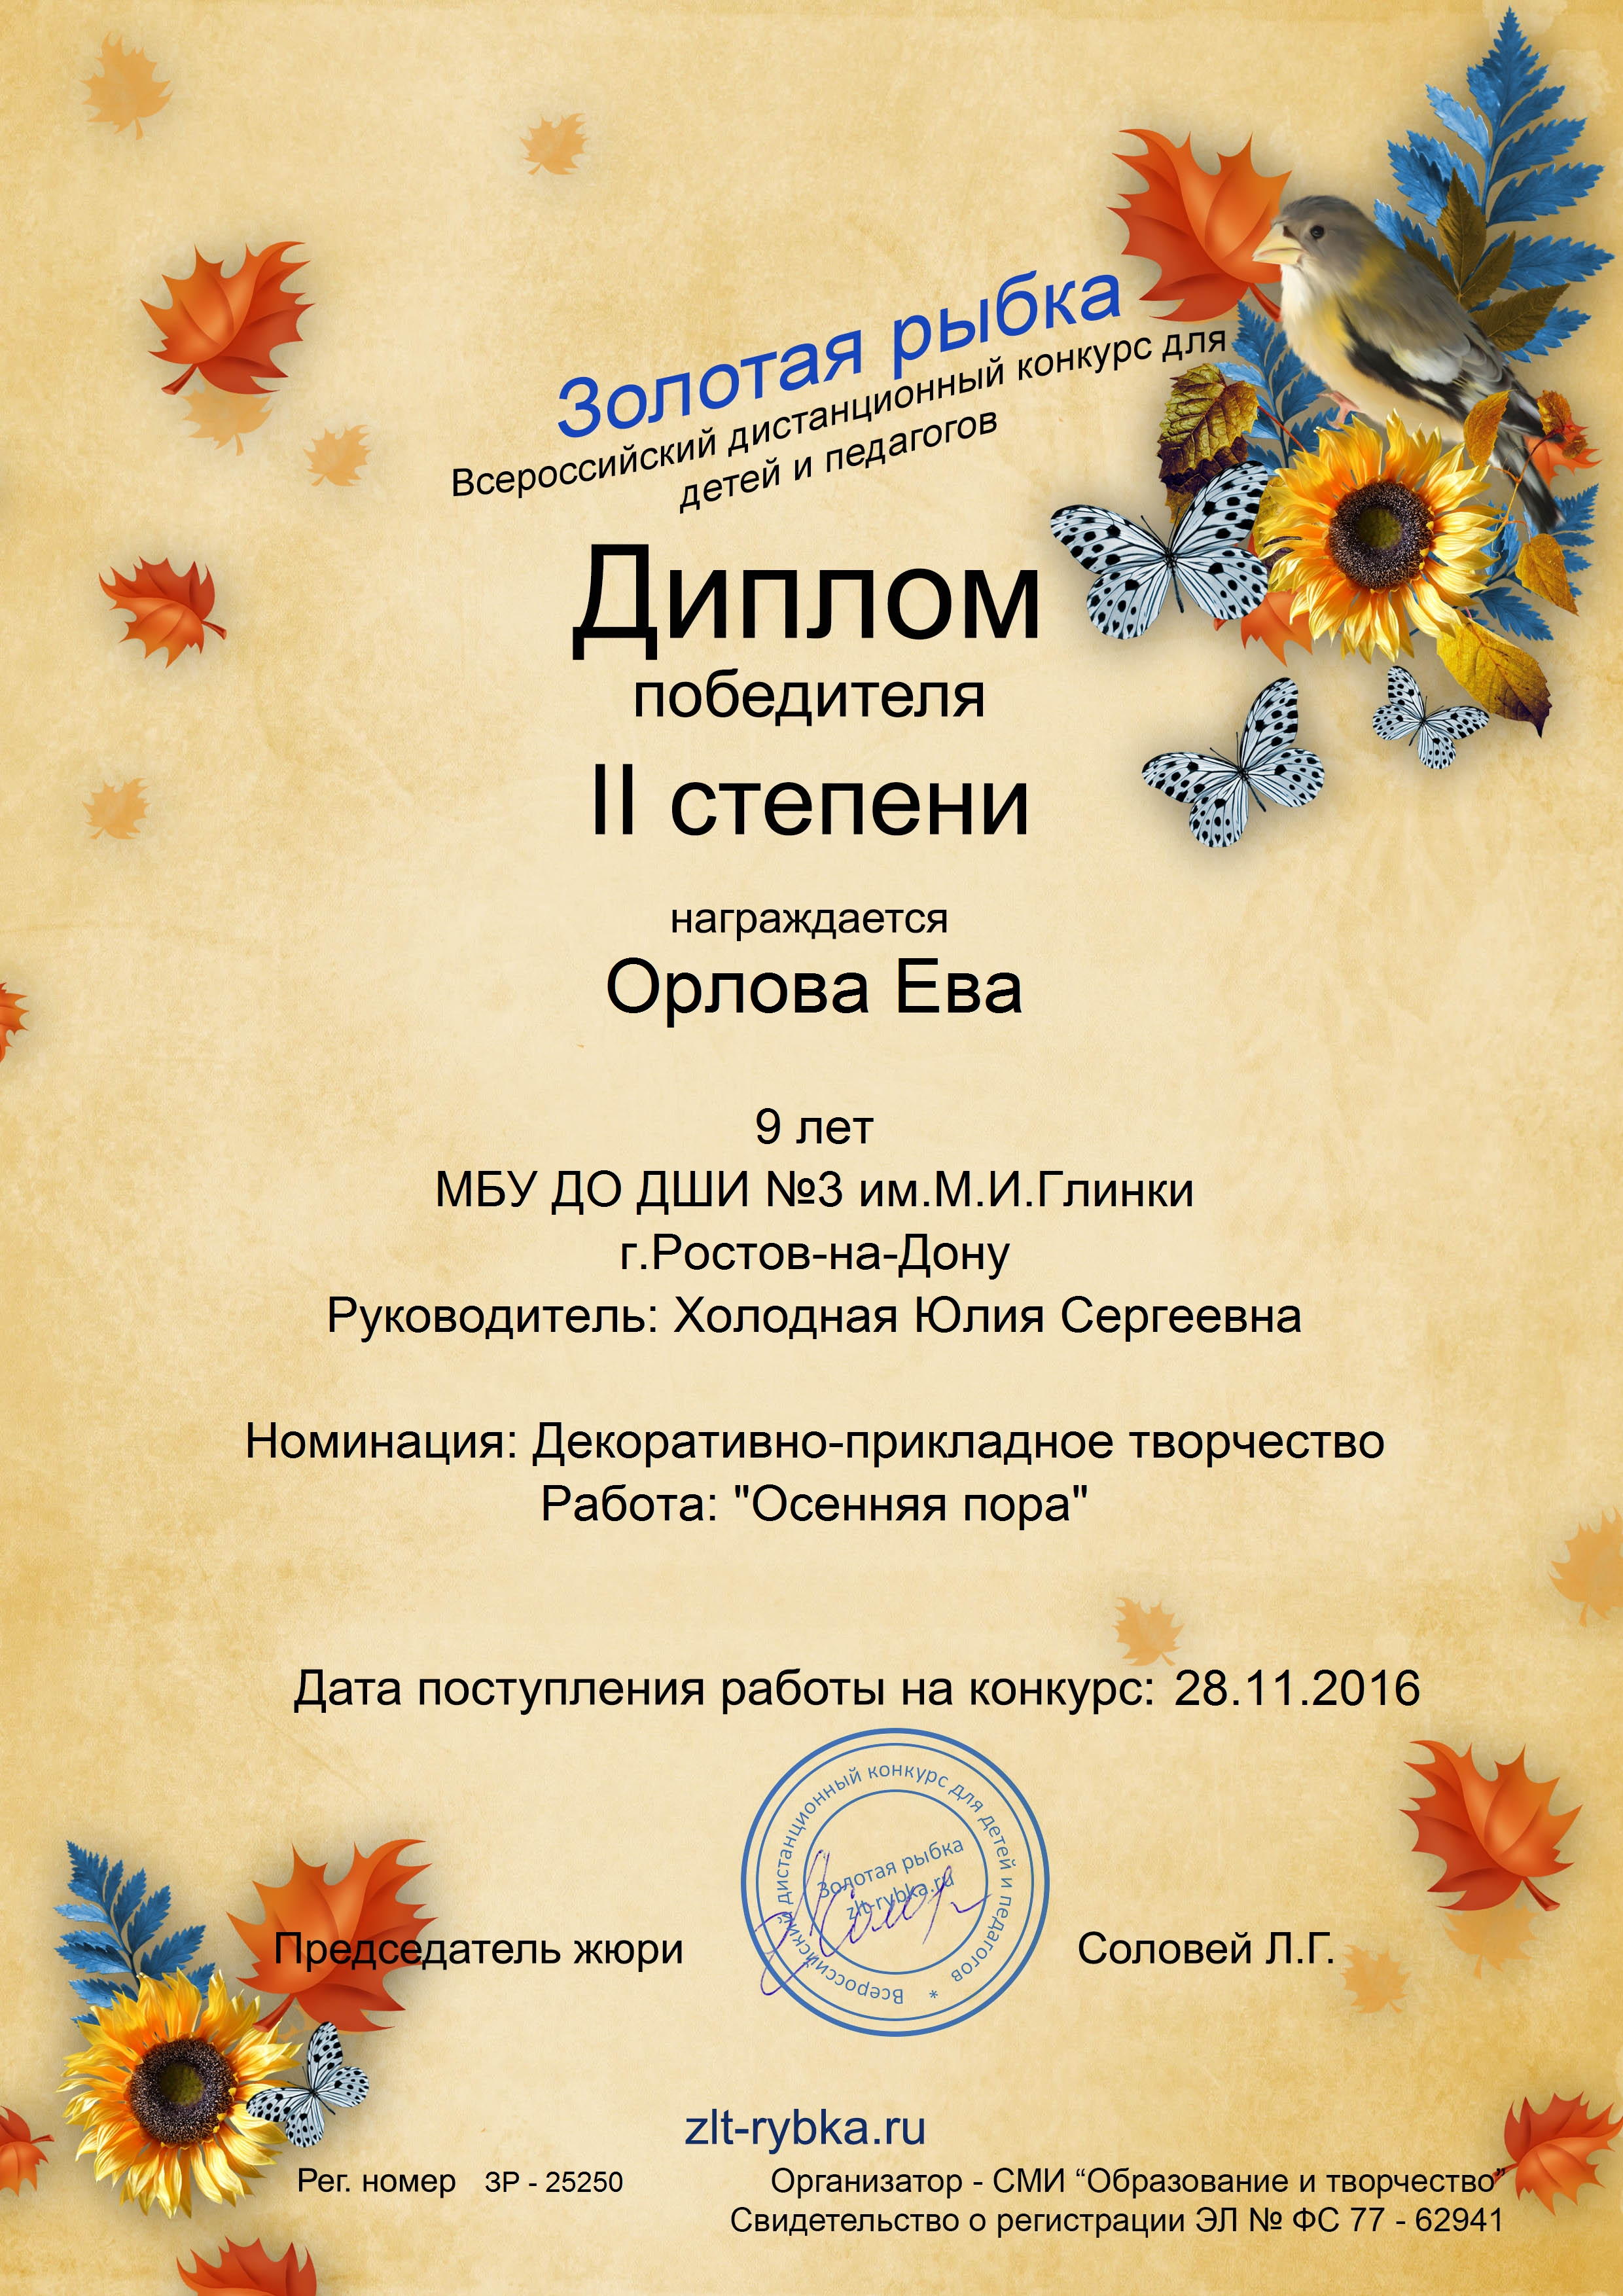 Золотая рыбка всероссийский конкурс для педагогов